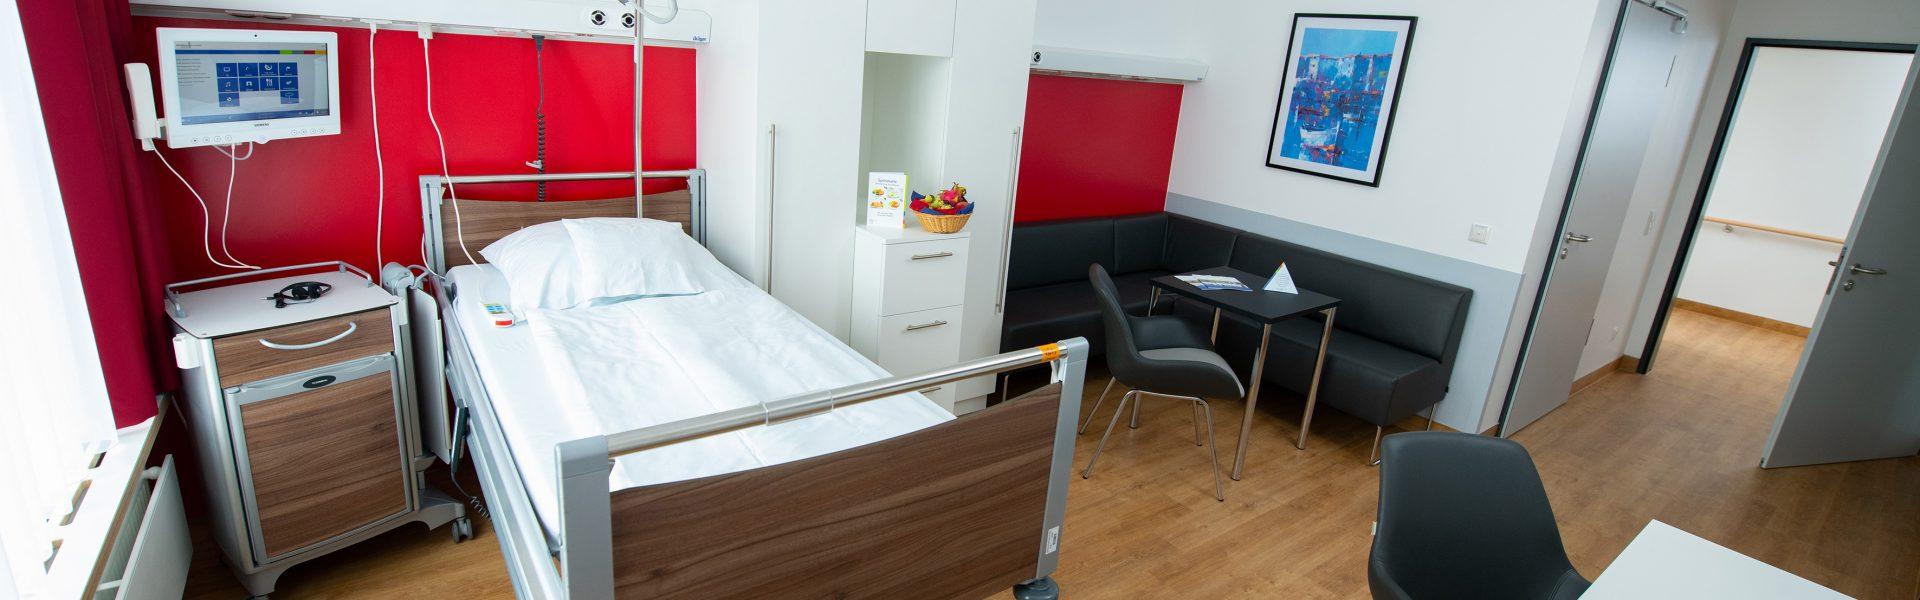 Header Bild Kliniken und Bereiche beziehen Zentralen Neubau